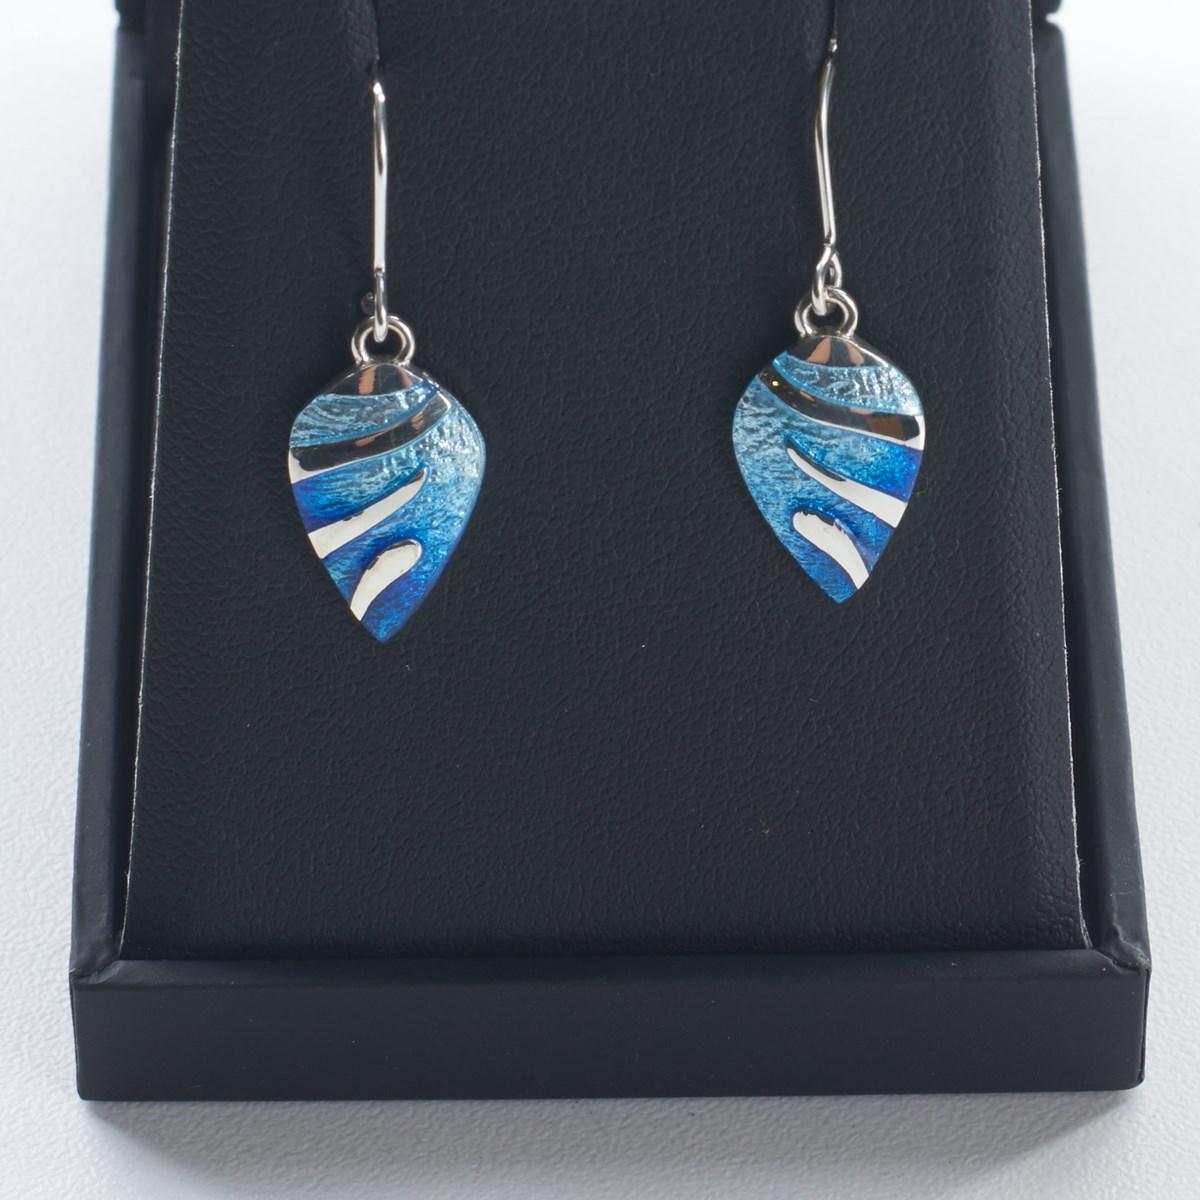 9022cd1b3 18170061_sterling_silver_earrings_mirage_oasis_3216_3249. Previous; Next. Sterling  Silver Mirage Drop Earrings by Ortak ...